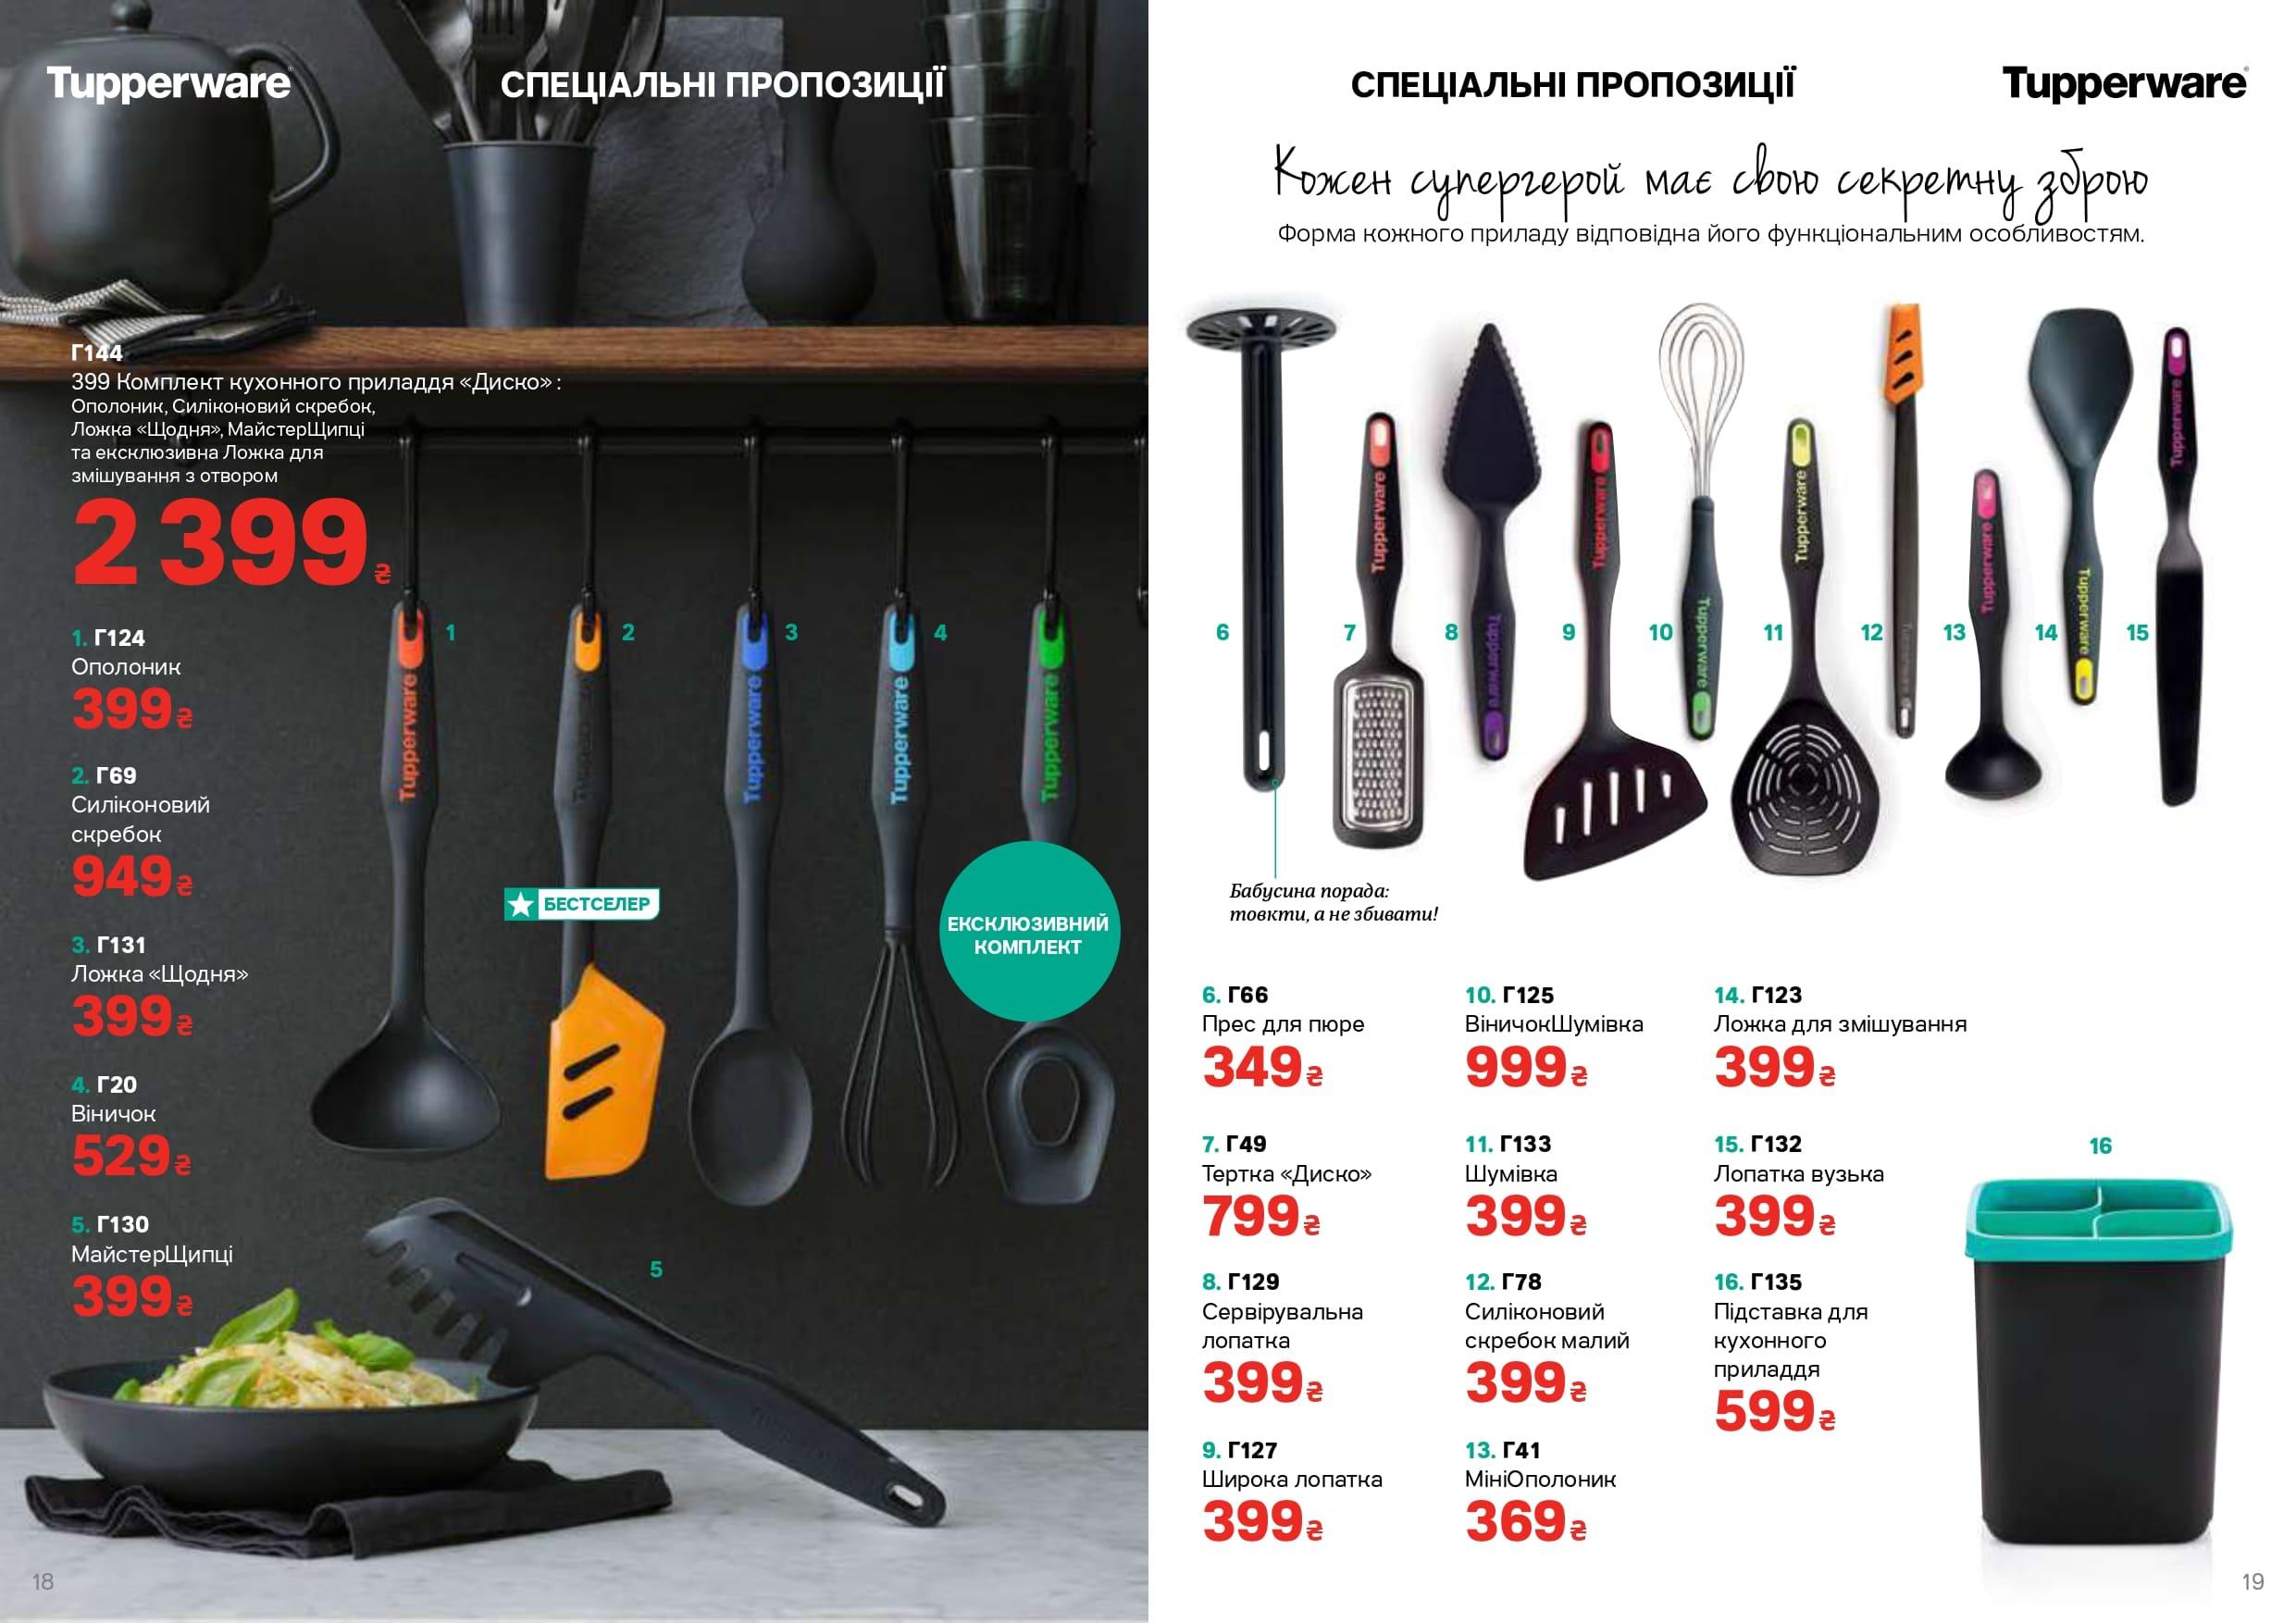 Кухонные приборы Tupperware, 17 предметов для всех задач.